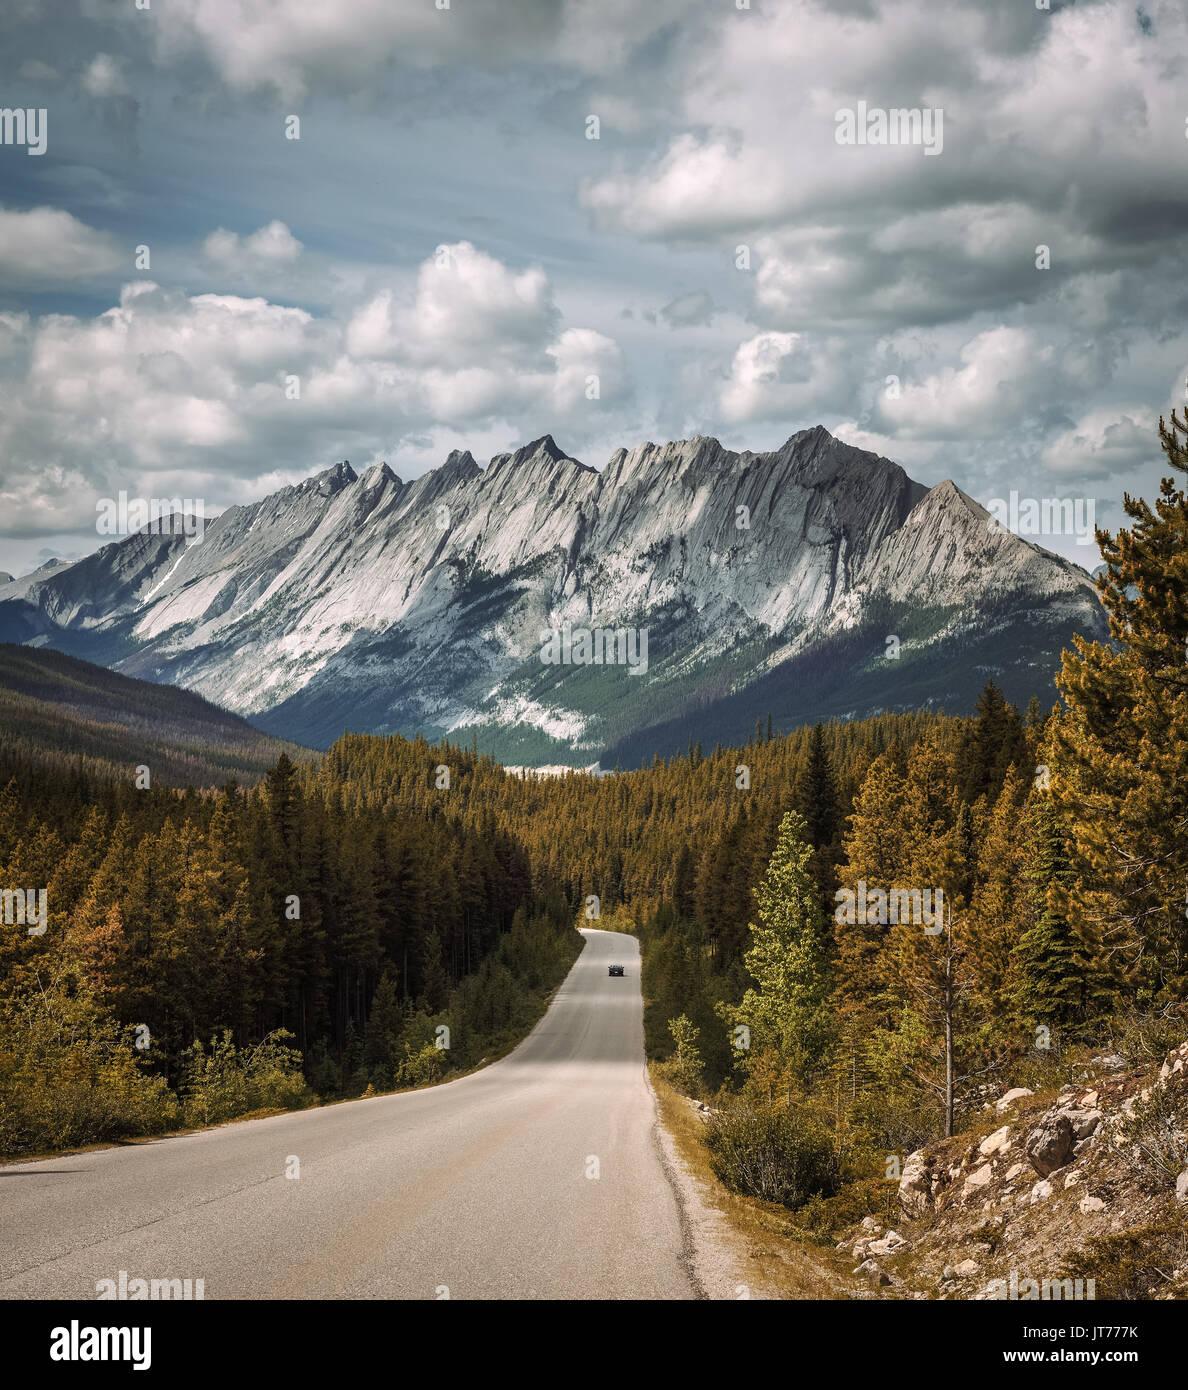 Malerischen Blick auf die Straße und die kanadischen Rockies auf dem Icefields Parkway. Es reist durch Banff und Jasper Nationalparks und bietet spektakuläre Ausblicke auf Stockbild